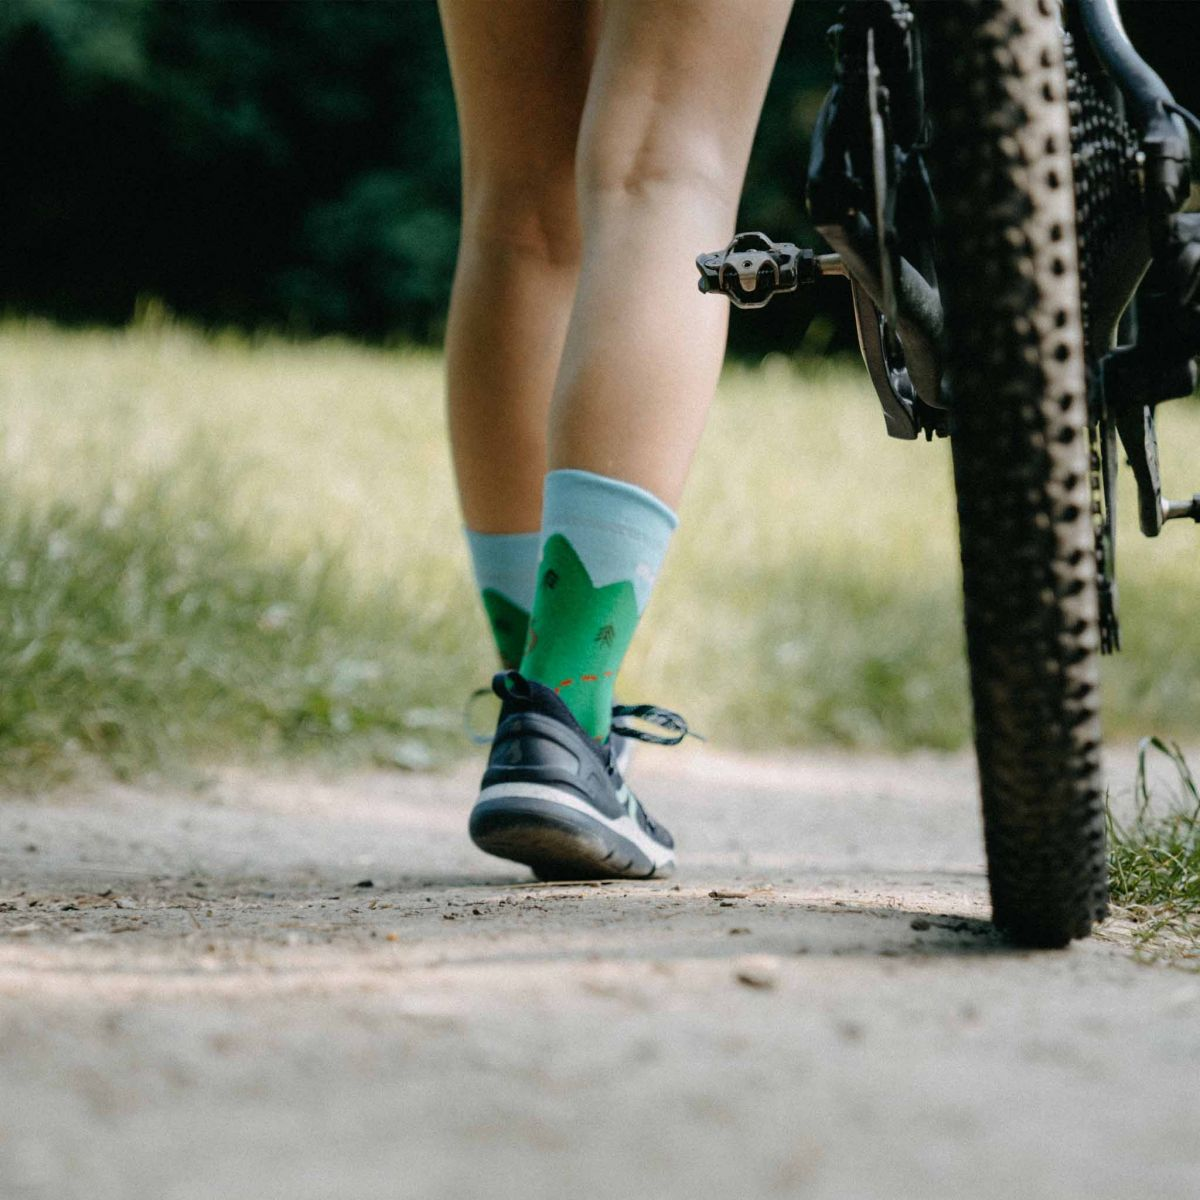 Zoknik - Kerékpár 2 p3